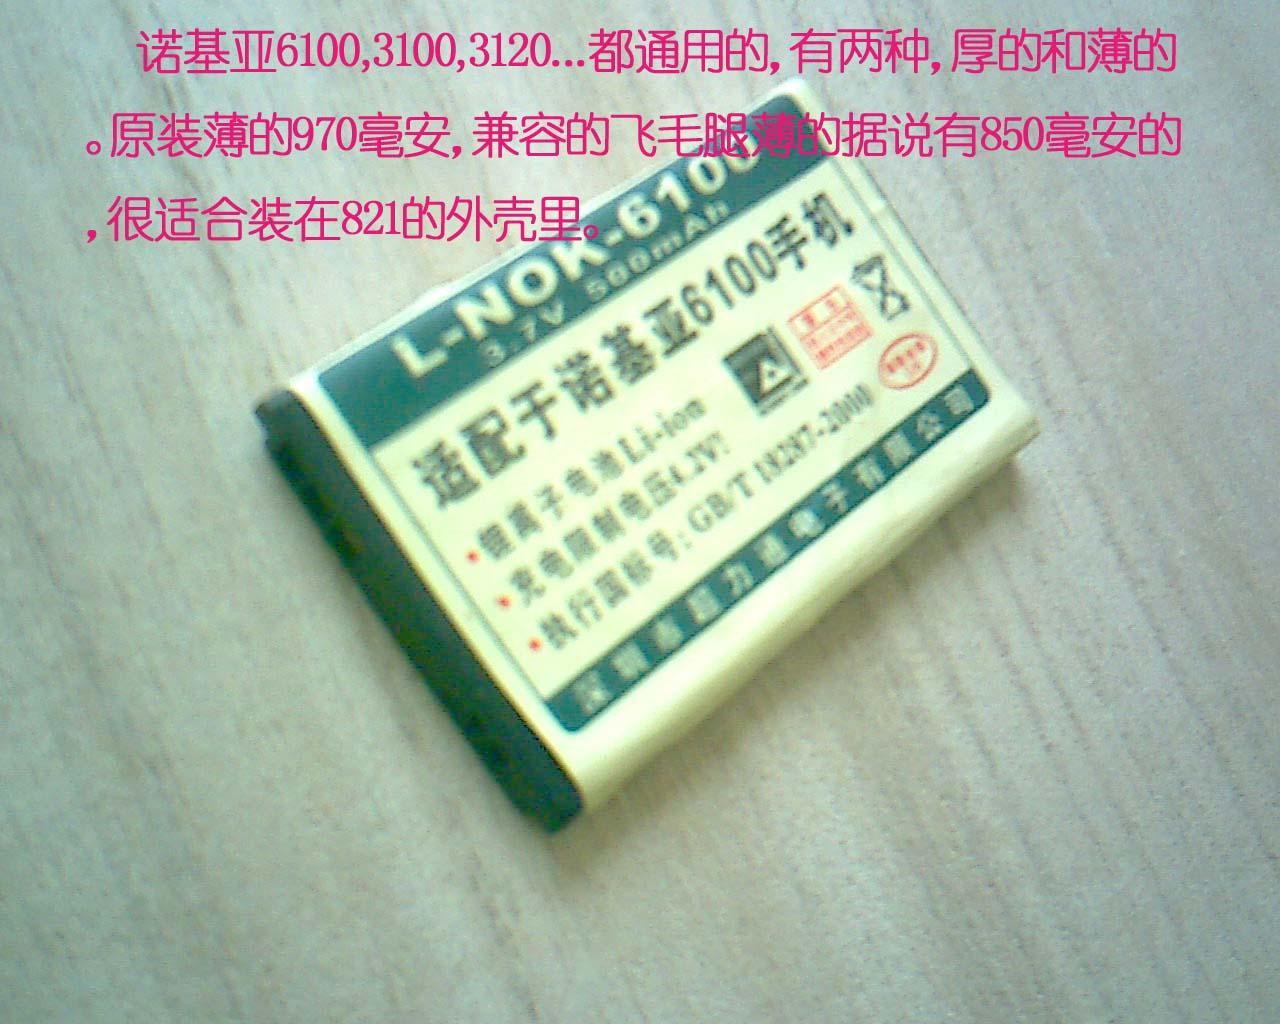 让电池焕发新生联想V821原装电池换芯大法